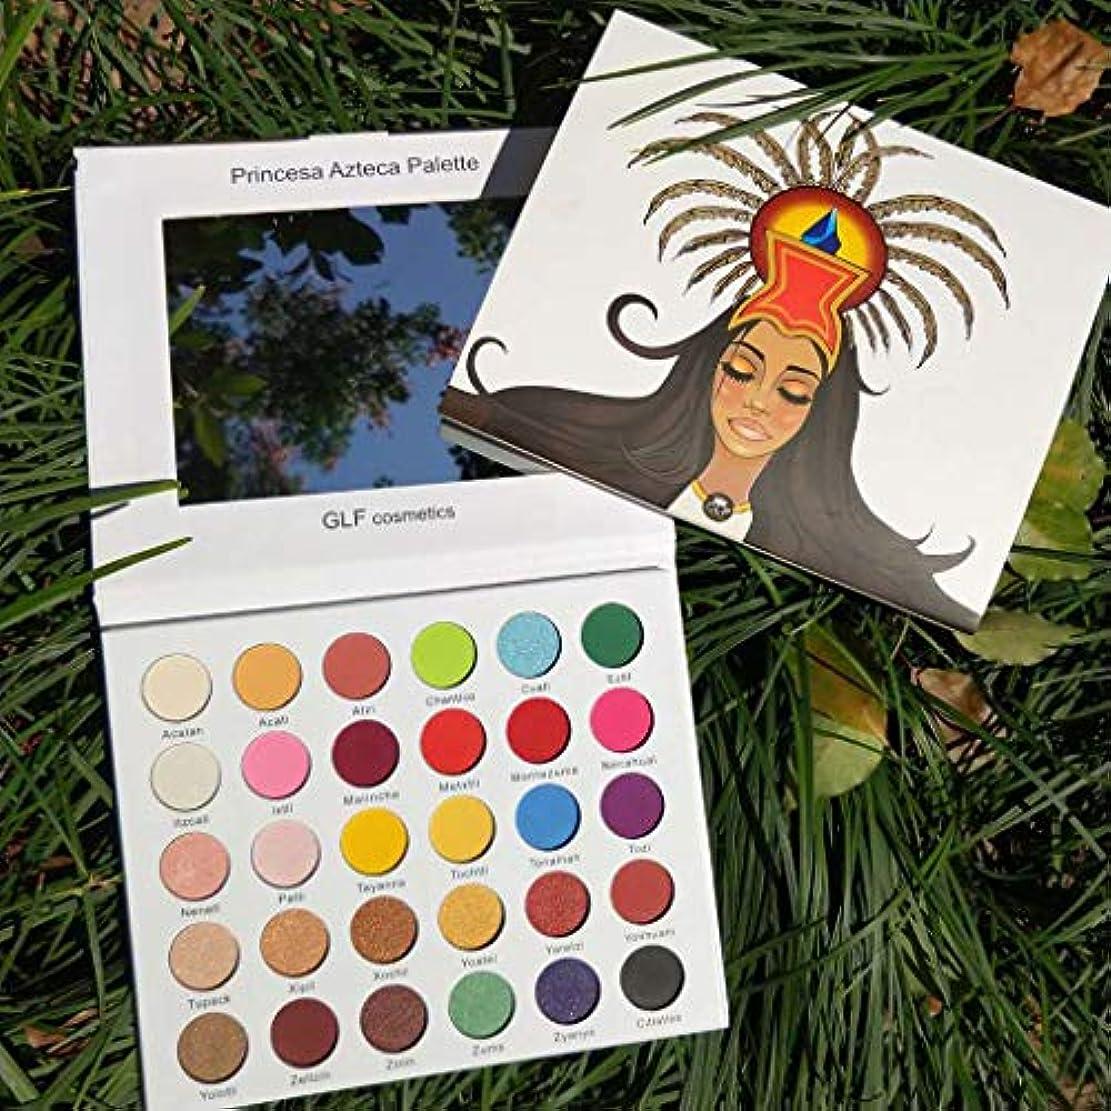 ベースベギンチョークAkane アイシャドウパレット 超綺麗 アステカの王女 マット ファッション おしゃれ キラキラ つや消し 人気 長持ち 持ち便利 Eye Shadow (30色)